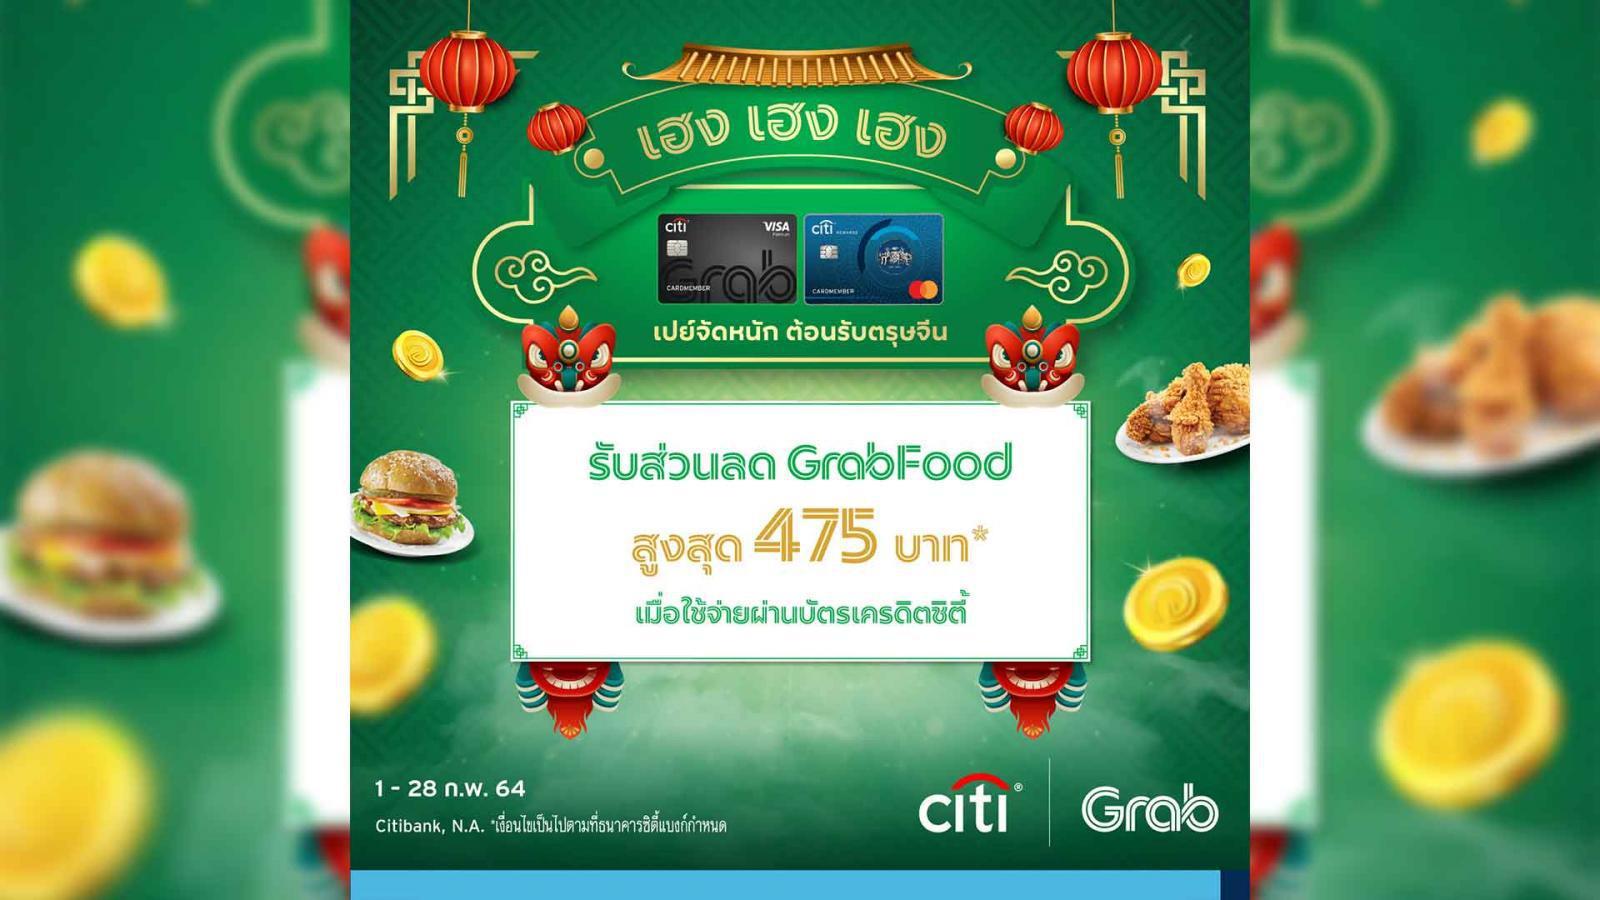 บัตรเครดิตซิตี้ ส่งดีลสุดปังรับเทศกาลตรุษจีน  เสิร์ฟความอร่อยถึงประตูบ้าน พร้อมมอบส่วนลดค่าอาหารสูงสุด 475 บาท  ให้ได้เฮงกันตลอดเดือน ก.พ.นี้